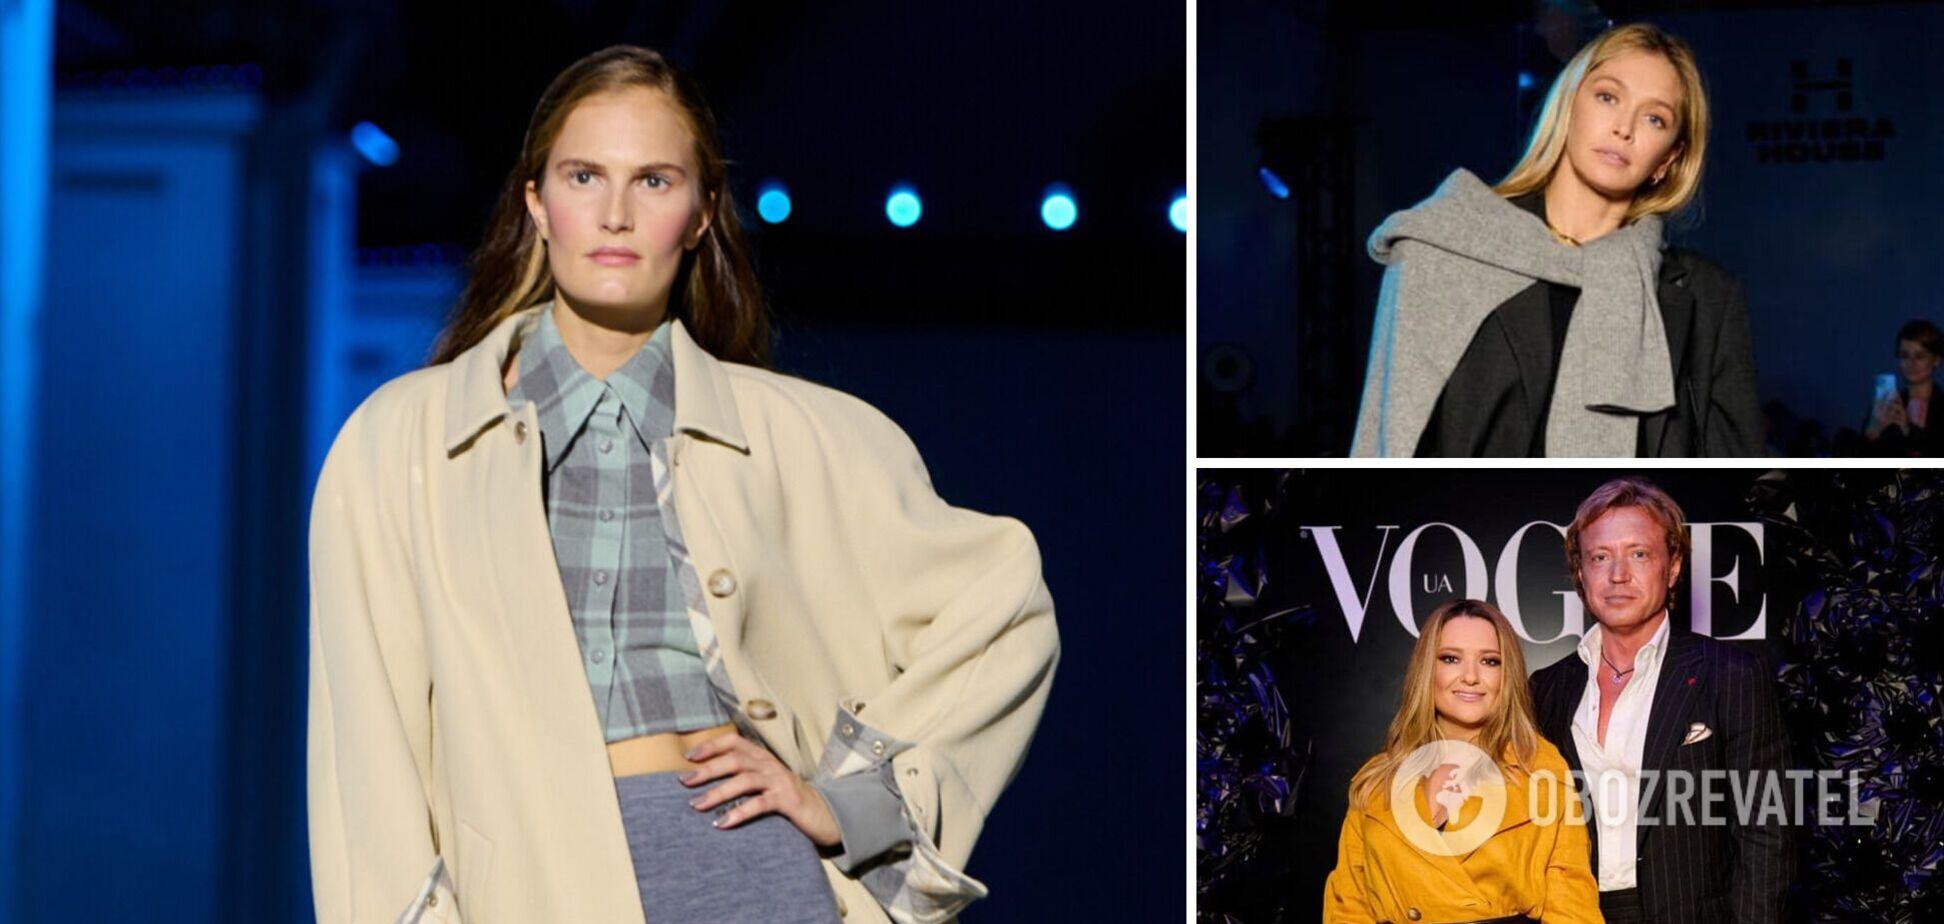 От Могилевской до Брежневой: в каких нарядах пришли звезды на Ukrainian Fashion Week 2021